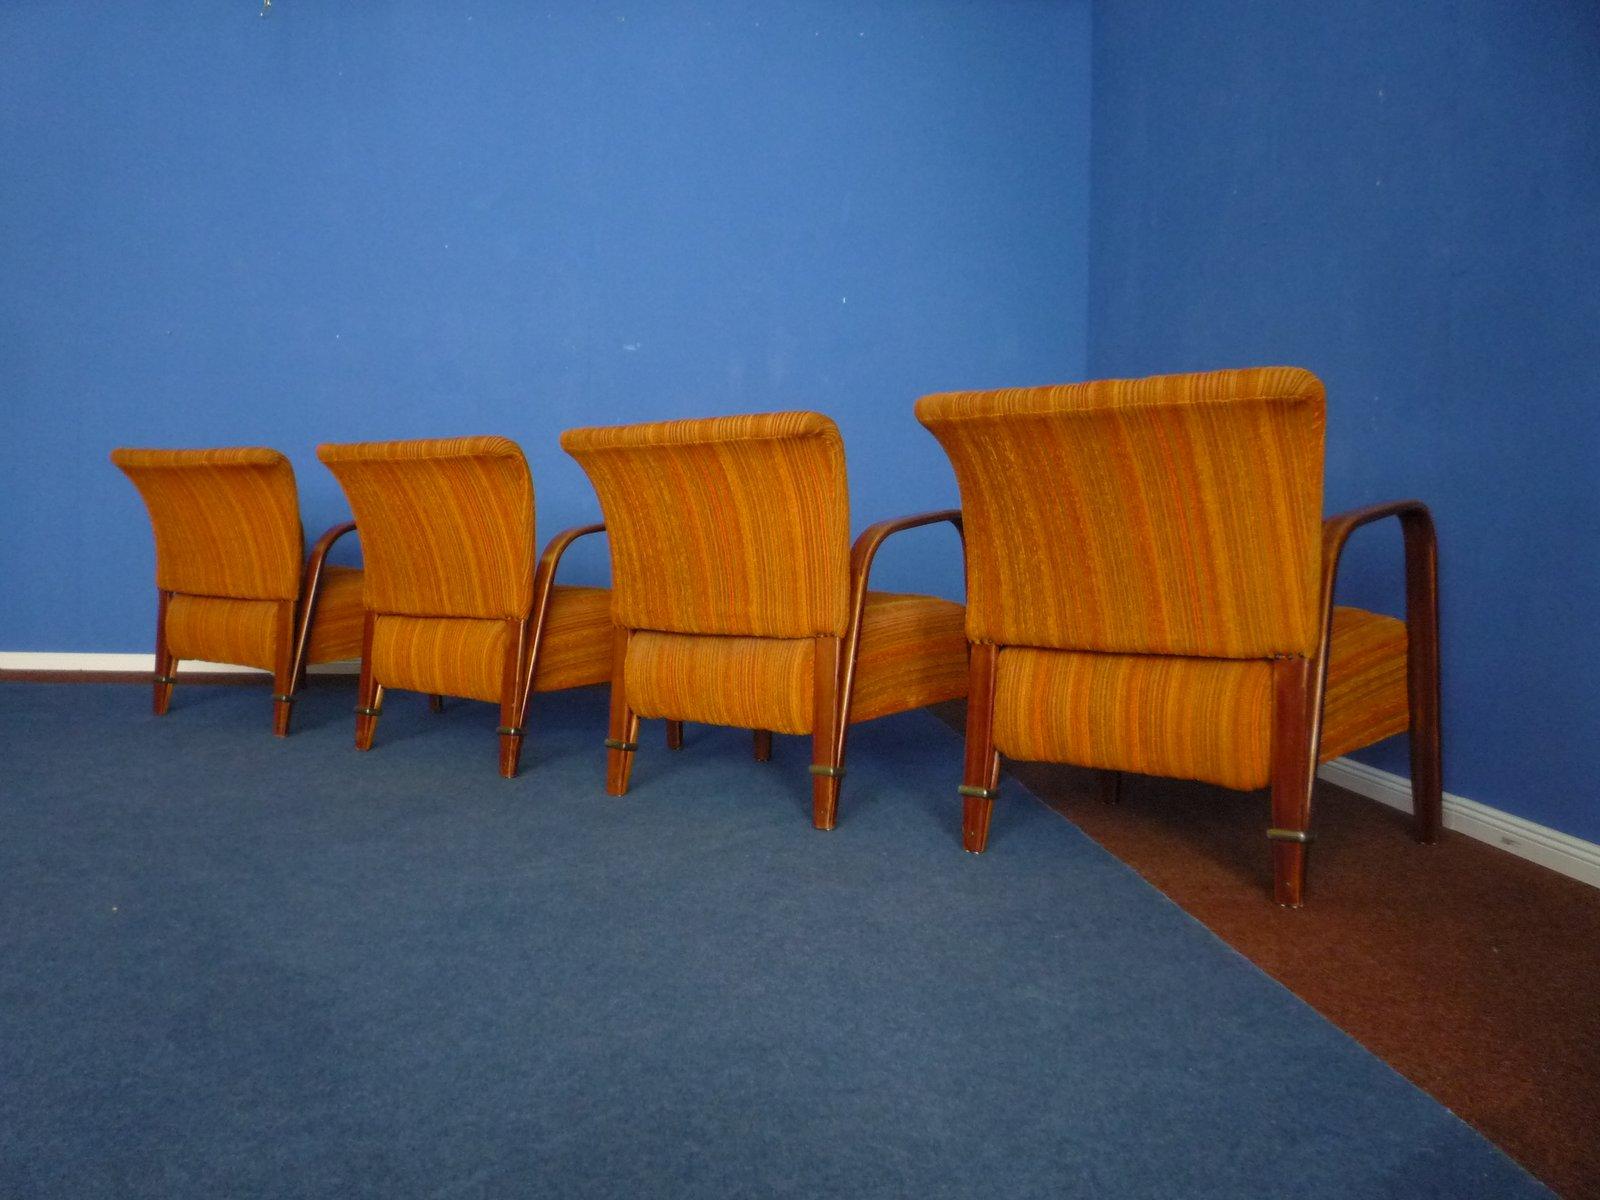 fauteuils par hugues steiner pour steiner meubles france 1950s set de 4 en vente sur pamono. Black Bedroom Furniture Sets. Home Design Ideas